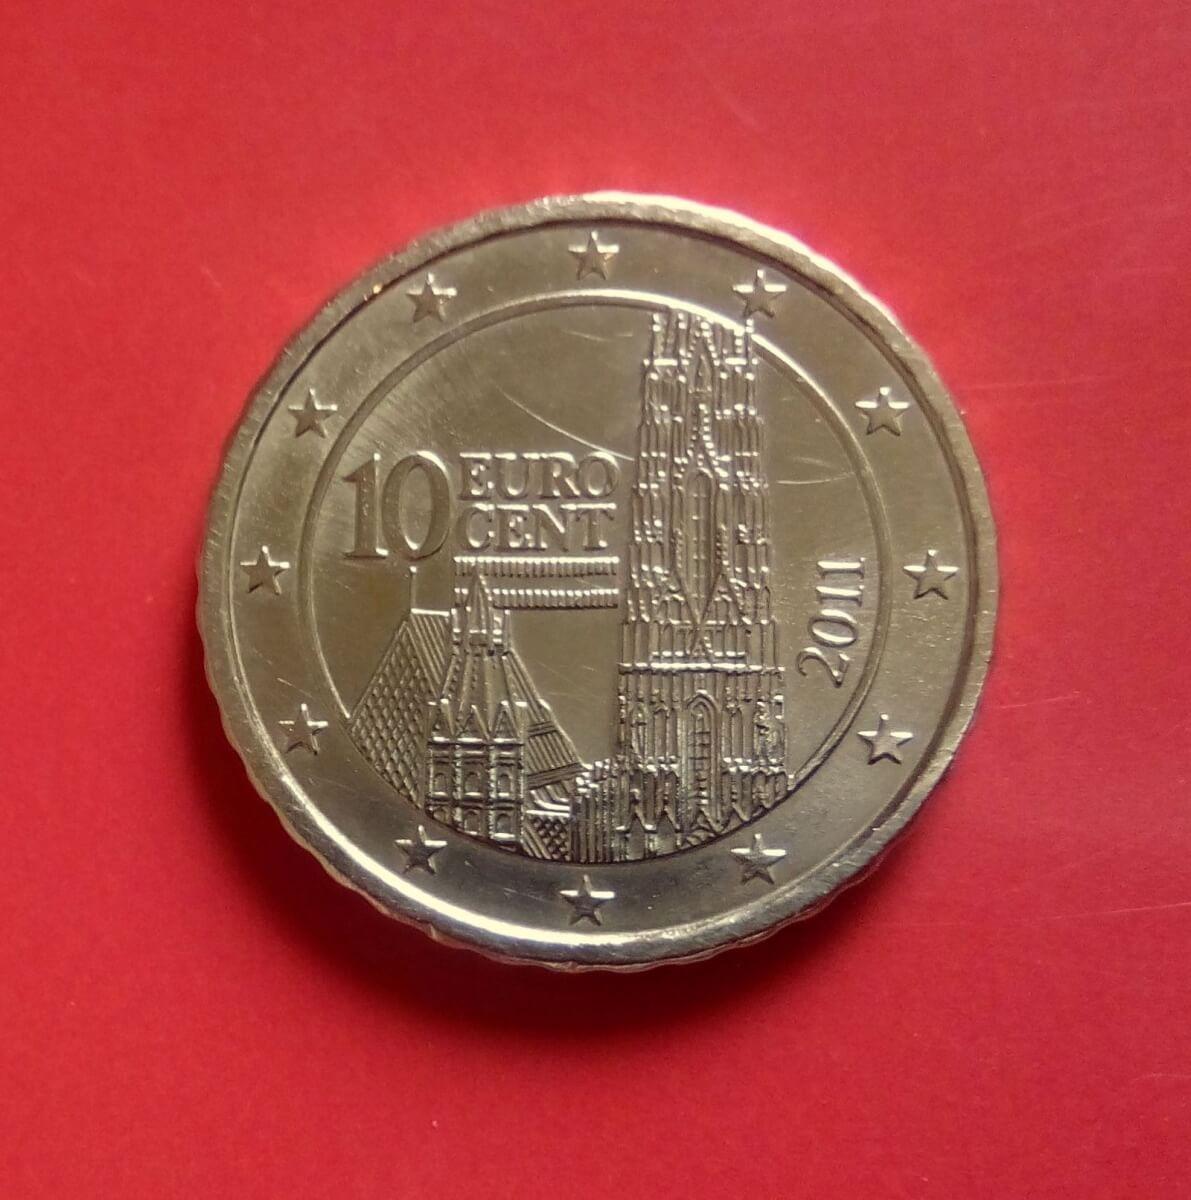 10 Евро центов